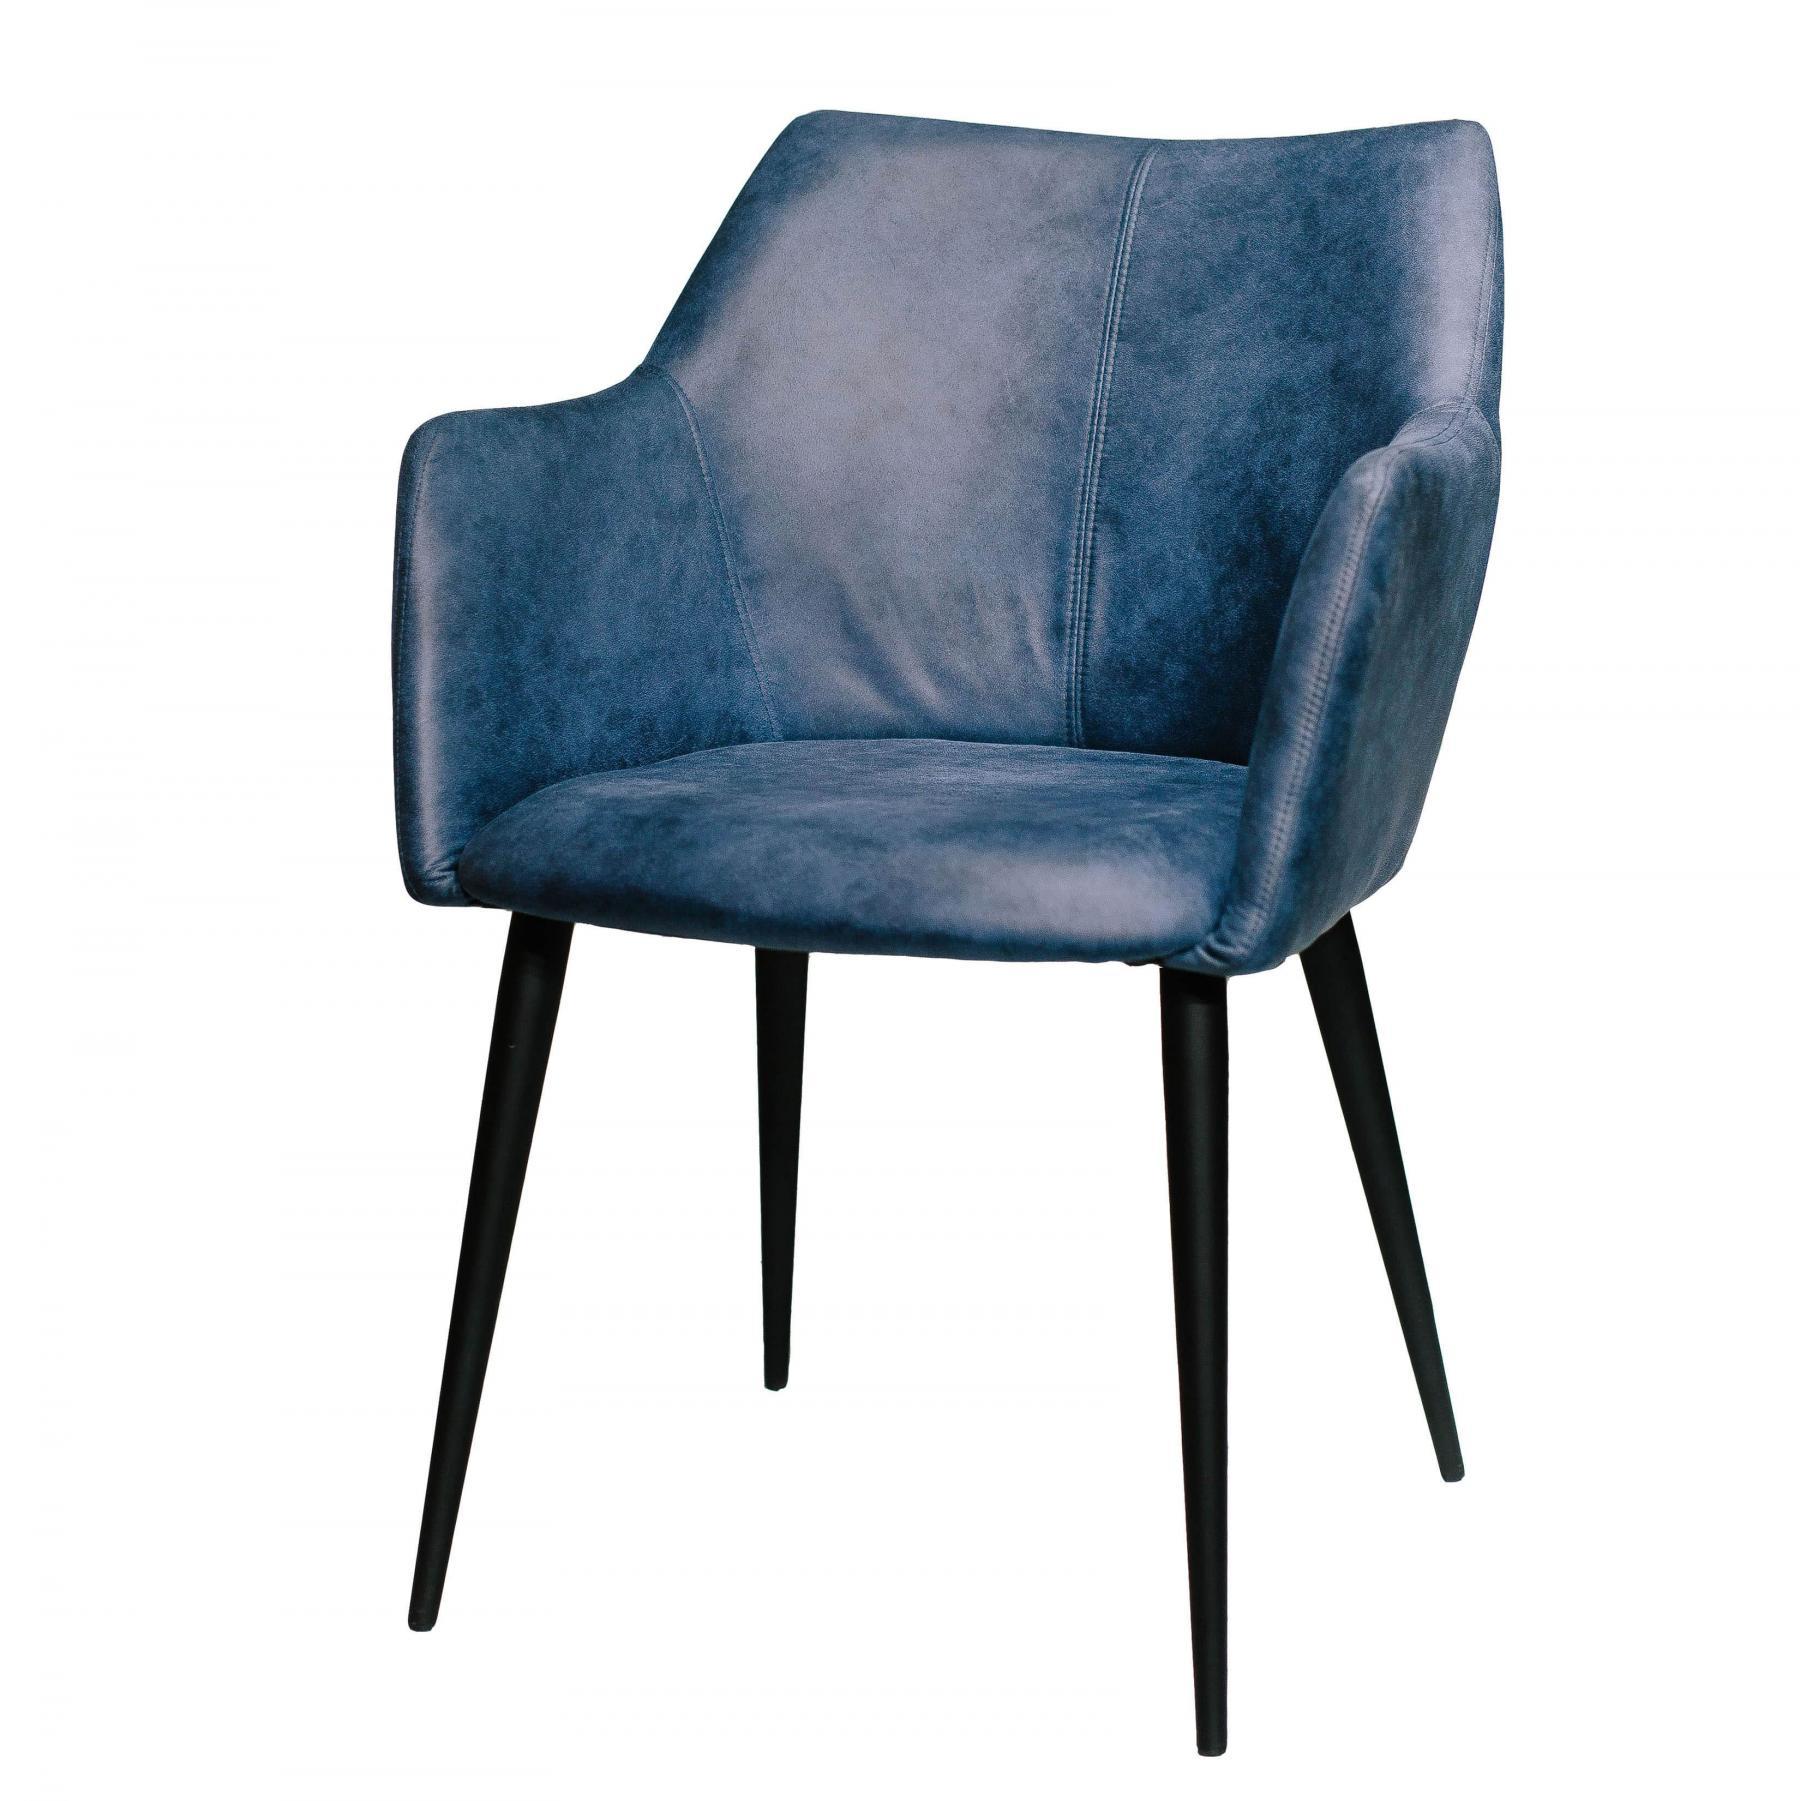 Стильная мебель в магазинах RAROOM: стулья